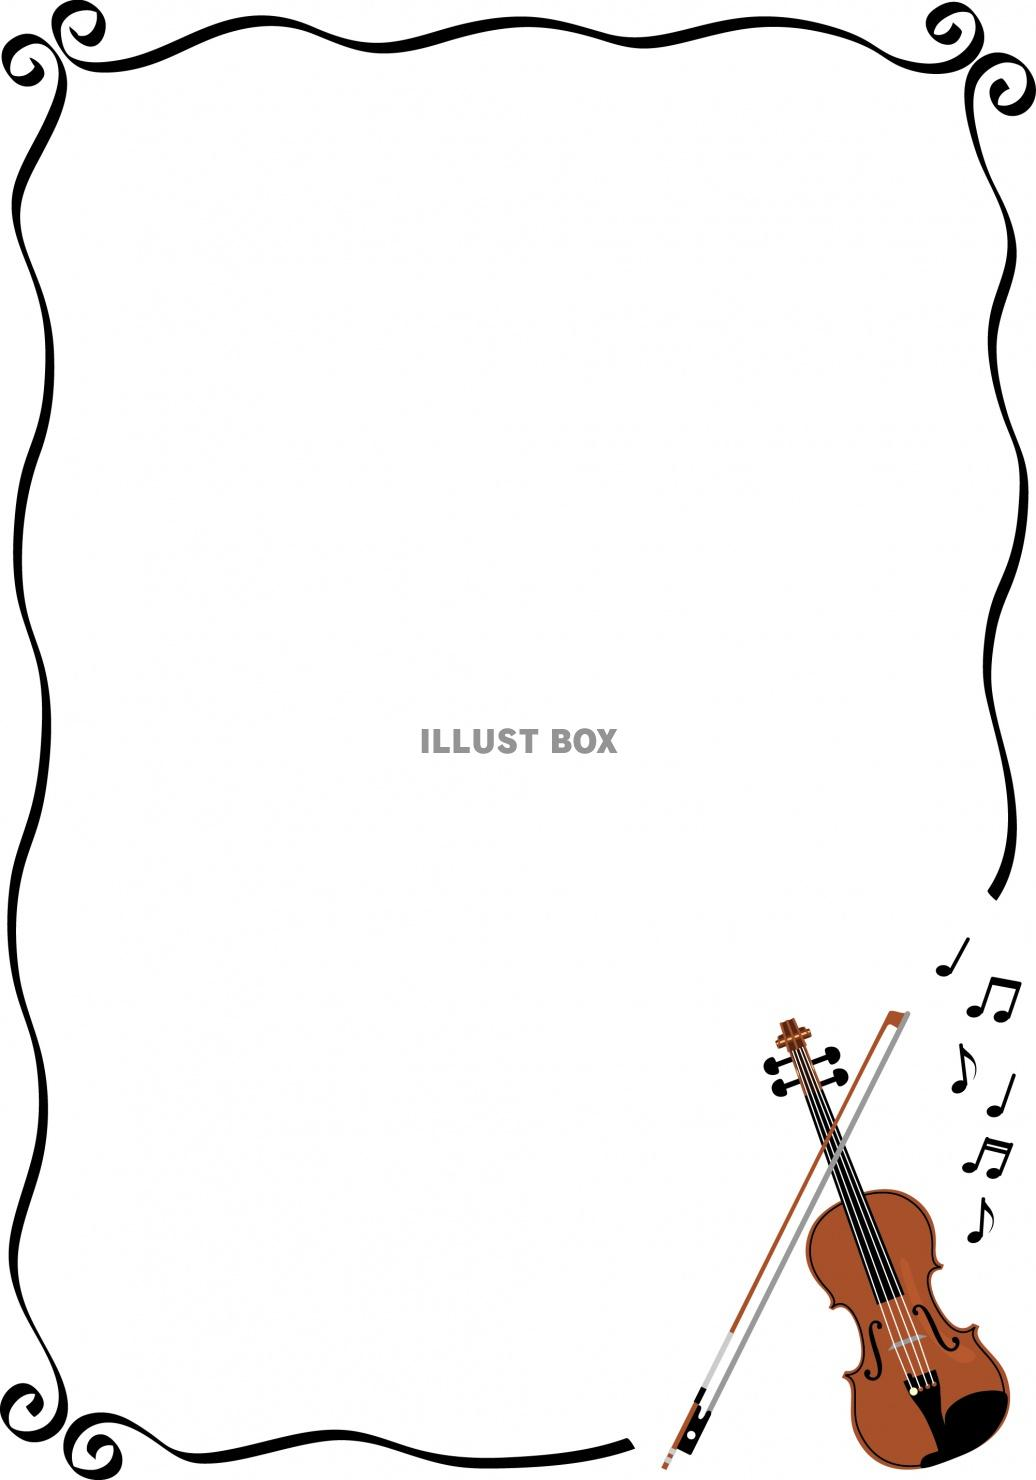 無料イラスト バイオリンとシンプルなラインのフレーム